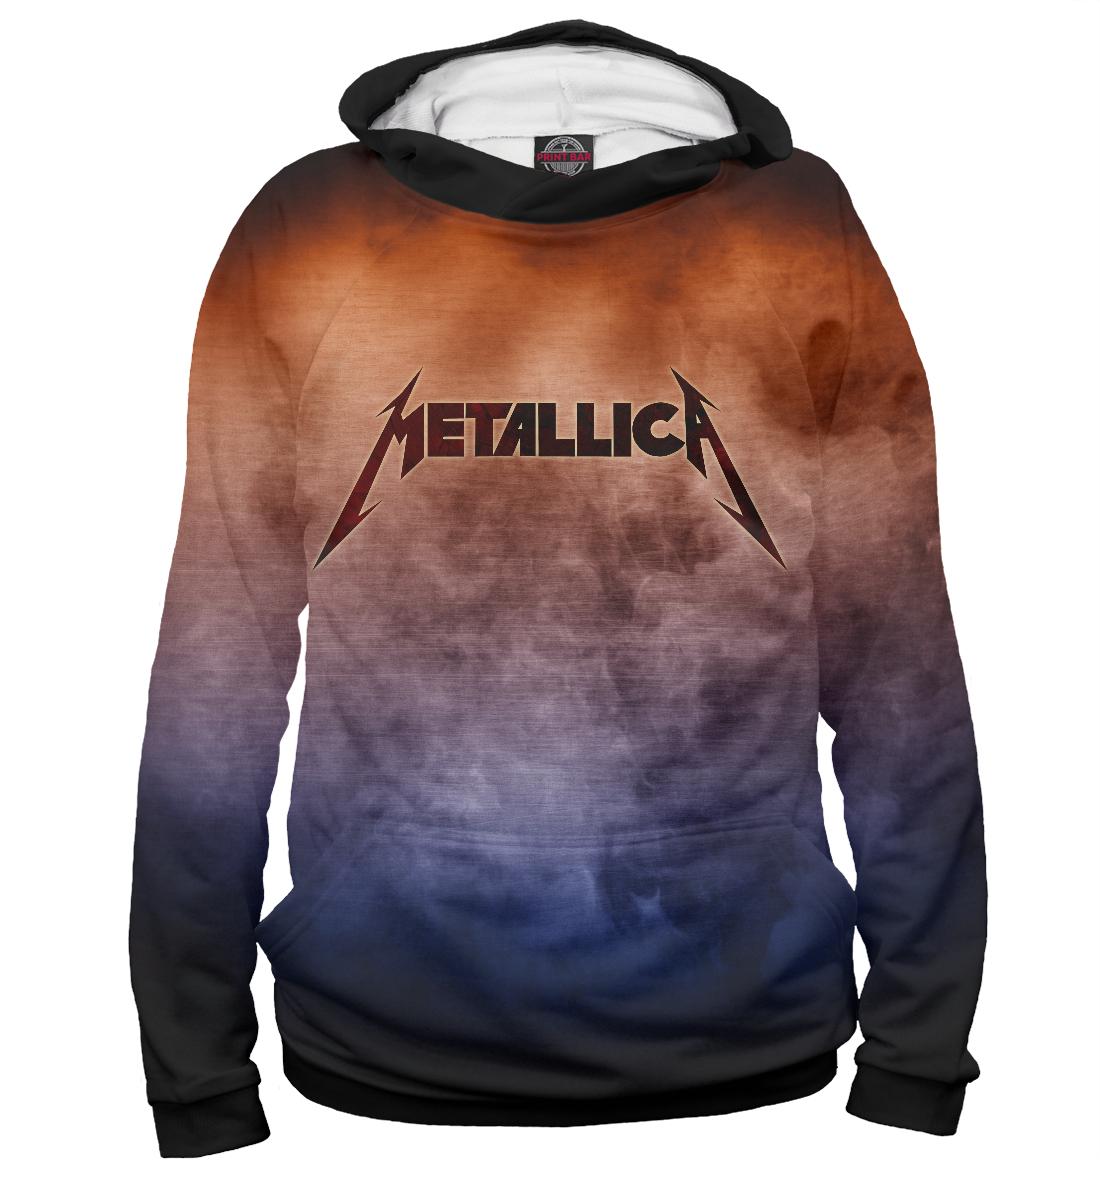 Купить Metallica, Printbar, Худи, MET-738420-hud-2